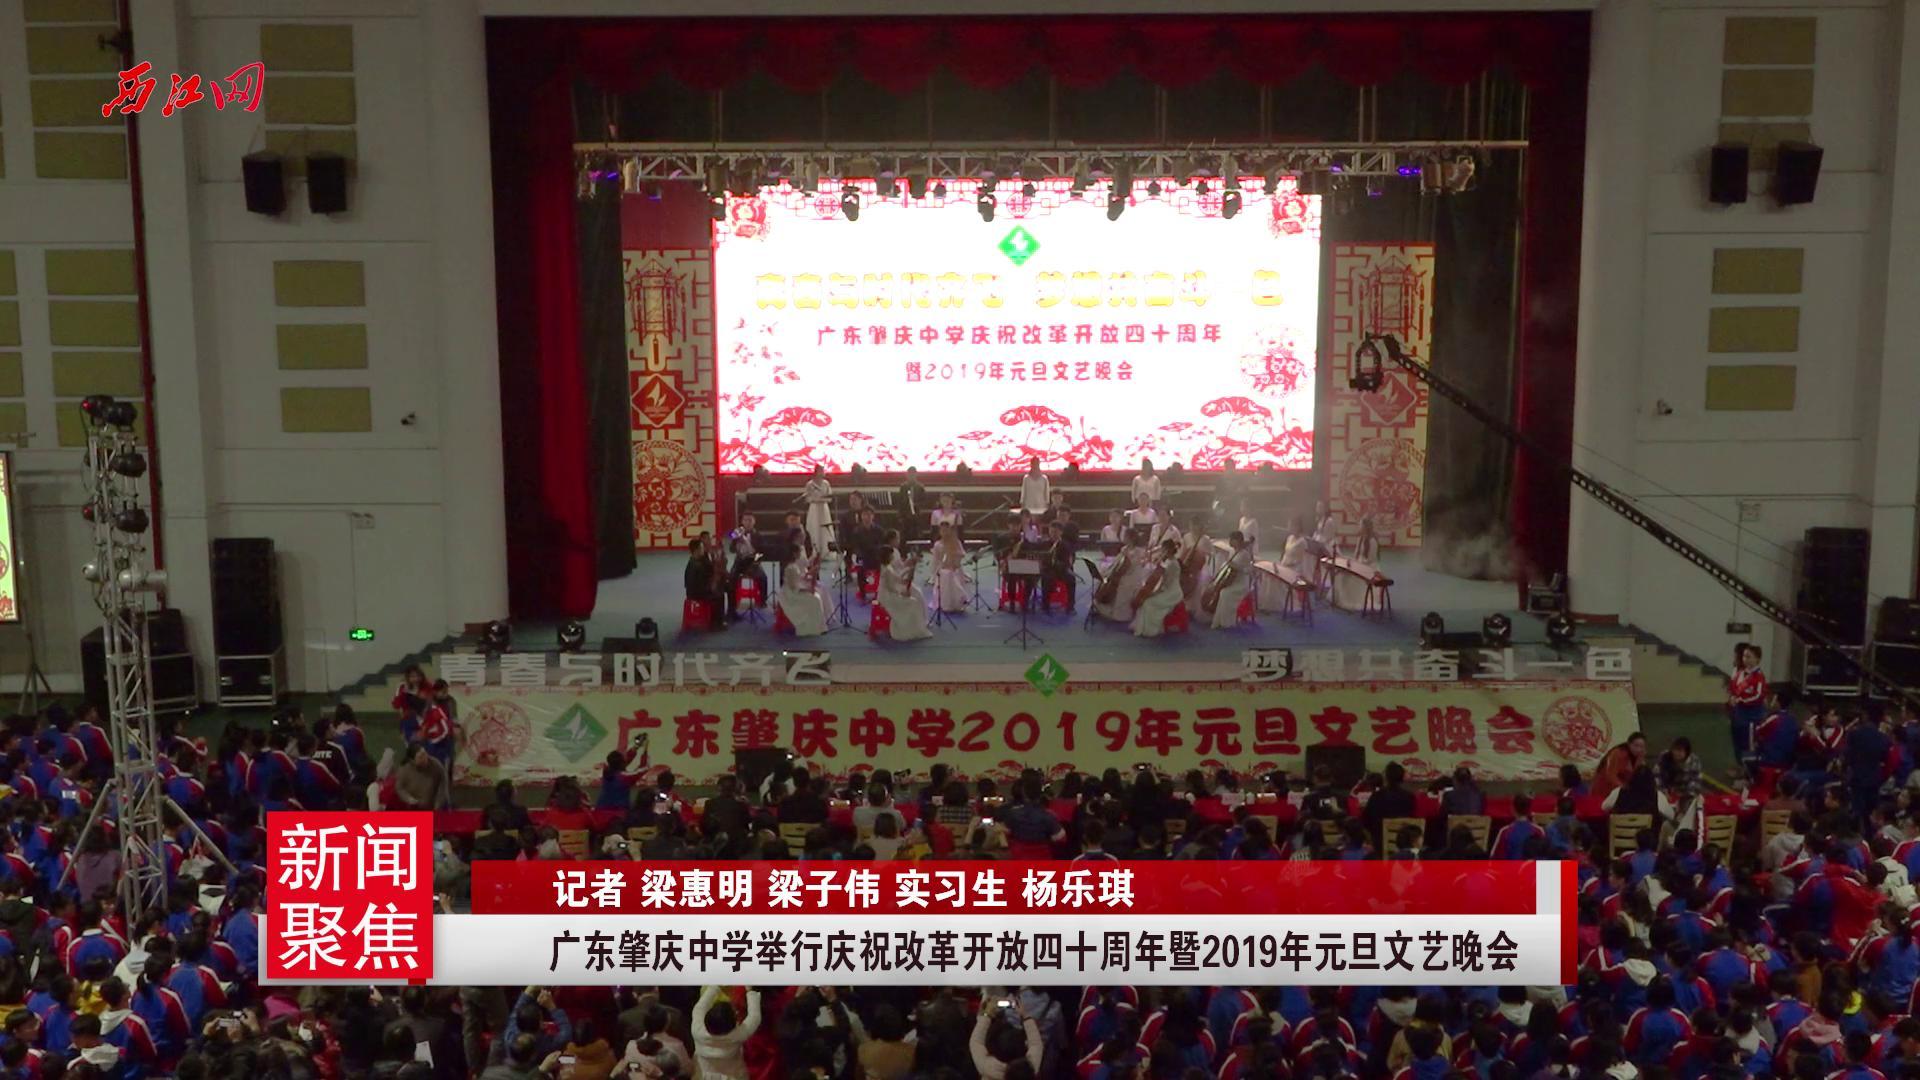 廣東肇慶中學舉行慶祝改革開放四十周年暨2019元旦文藝晚會